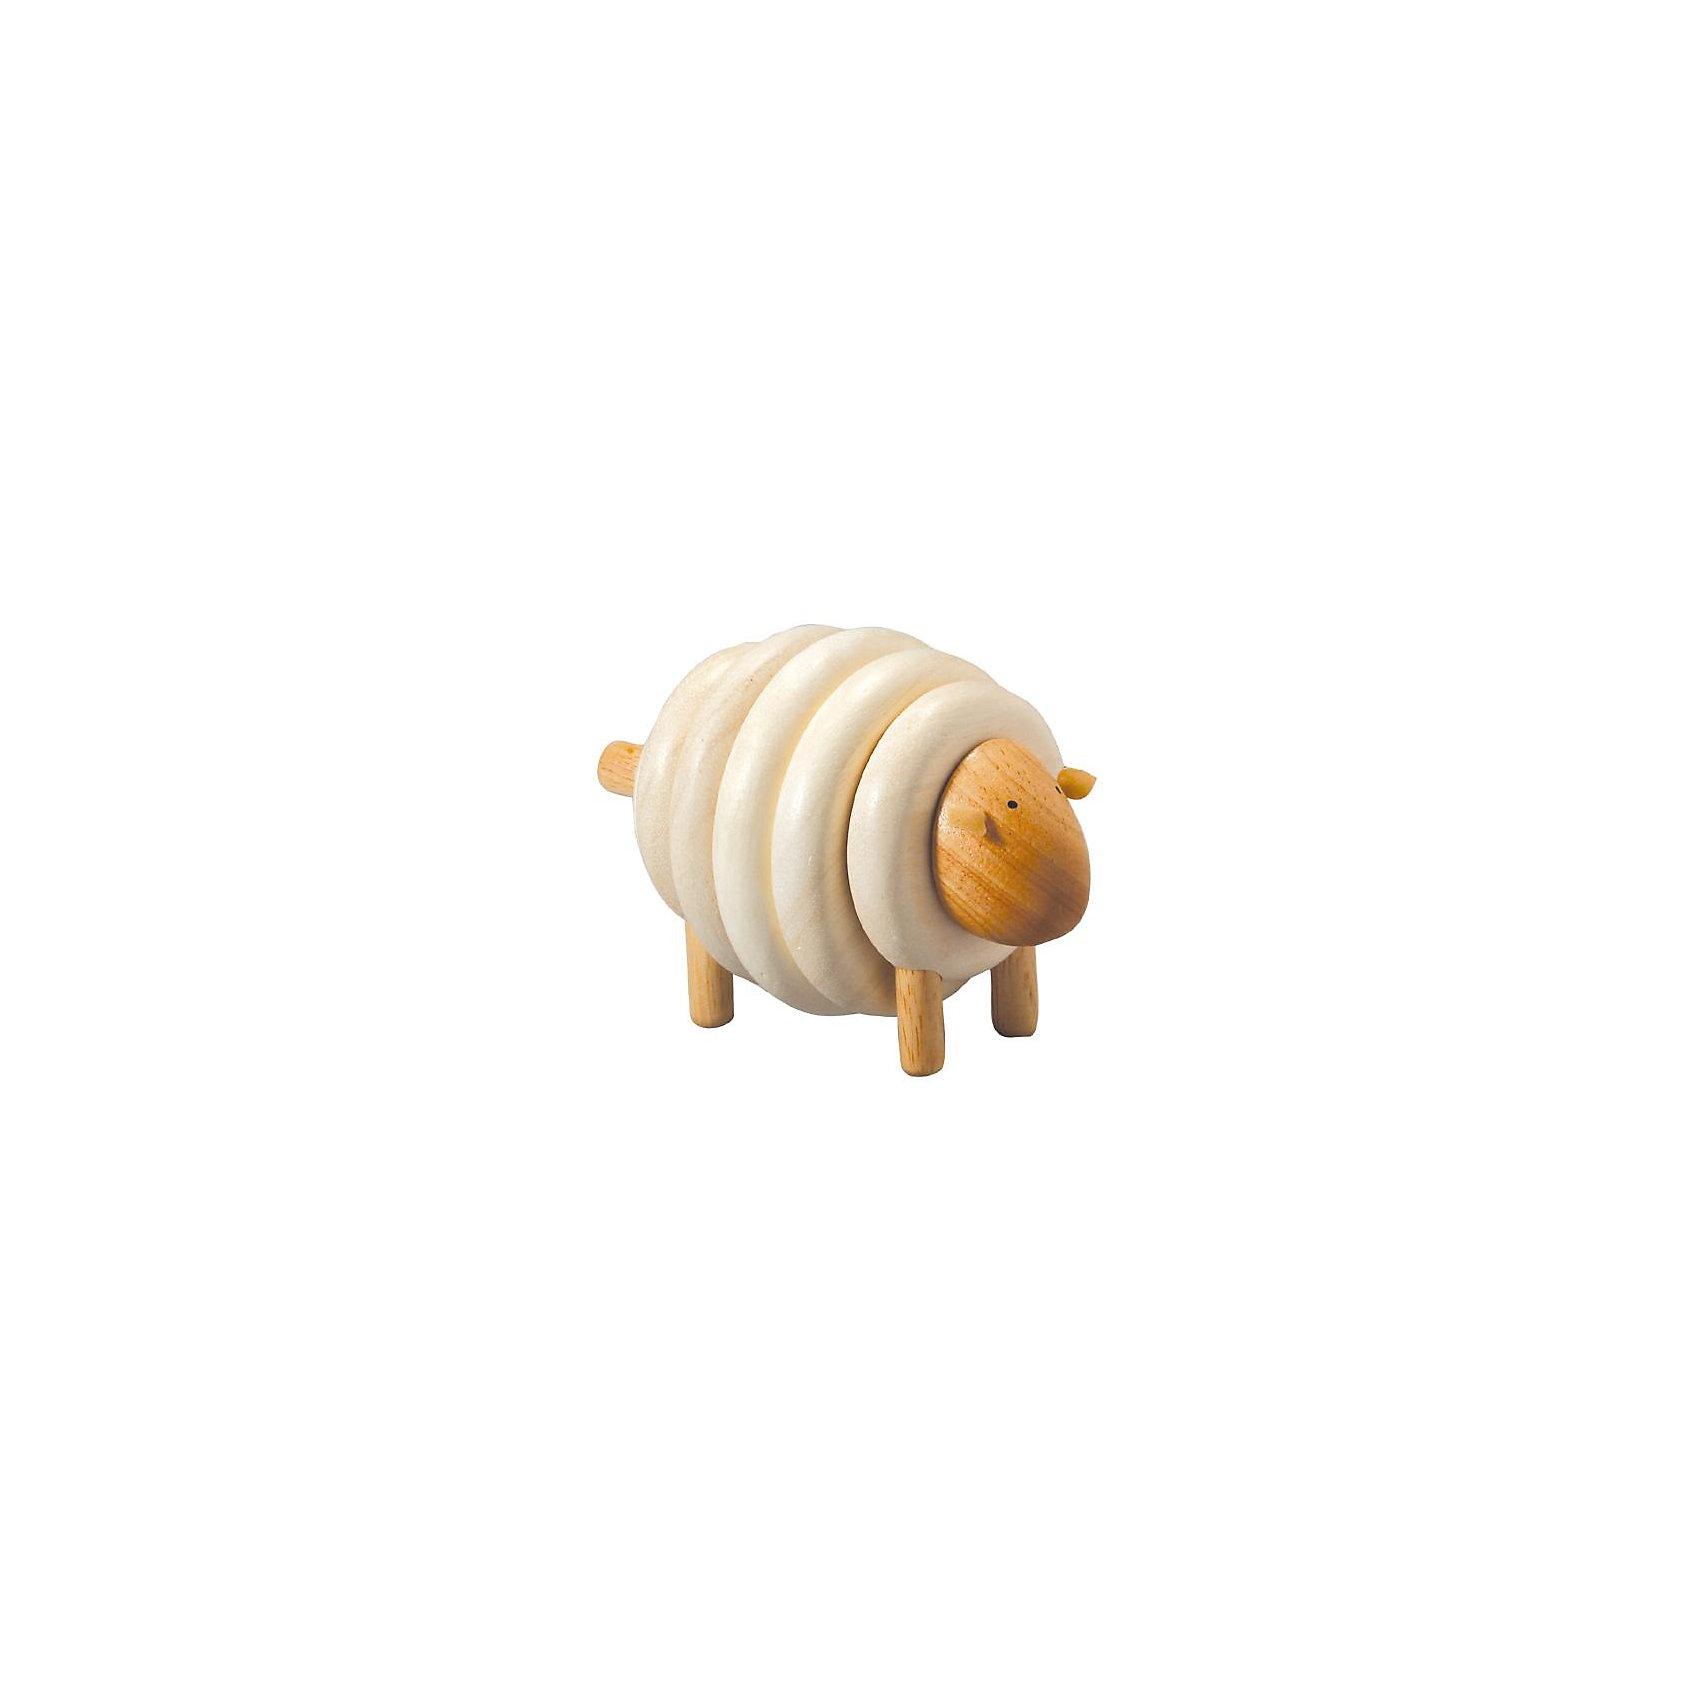 PLAN TOYS 5150 ОвечкаРазвивающие игрушки<br>Если дети правильно соберут последовательность цветов, у них получится прелестная овечка. <br><br>Собирание пирамидки развивает координацию между зрением и движением рук, а также учит различать формы и цвета.<br><br>Размеры: 8 x 9 x 13,5 см<br><br>Материал: каучуковое дерево, высококачественный и экологически чистый материал.<br><br>Ширина мм: 130<br>Глубина мм: 145<br>Высота мм: 57<br>Вес г: 350<br>Возраст от месяцев: 36<br>Возраст до месяцев: 1164<br>Пол: Унисекс<br>Возраст: Детский<br>SKU: 1861048